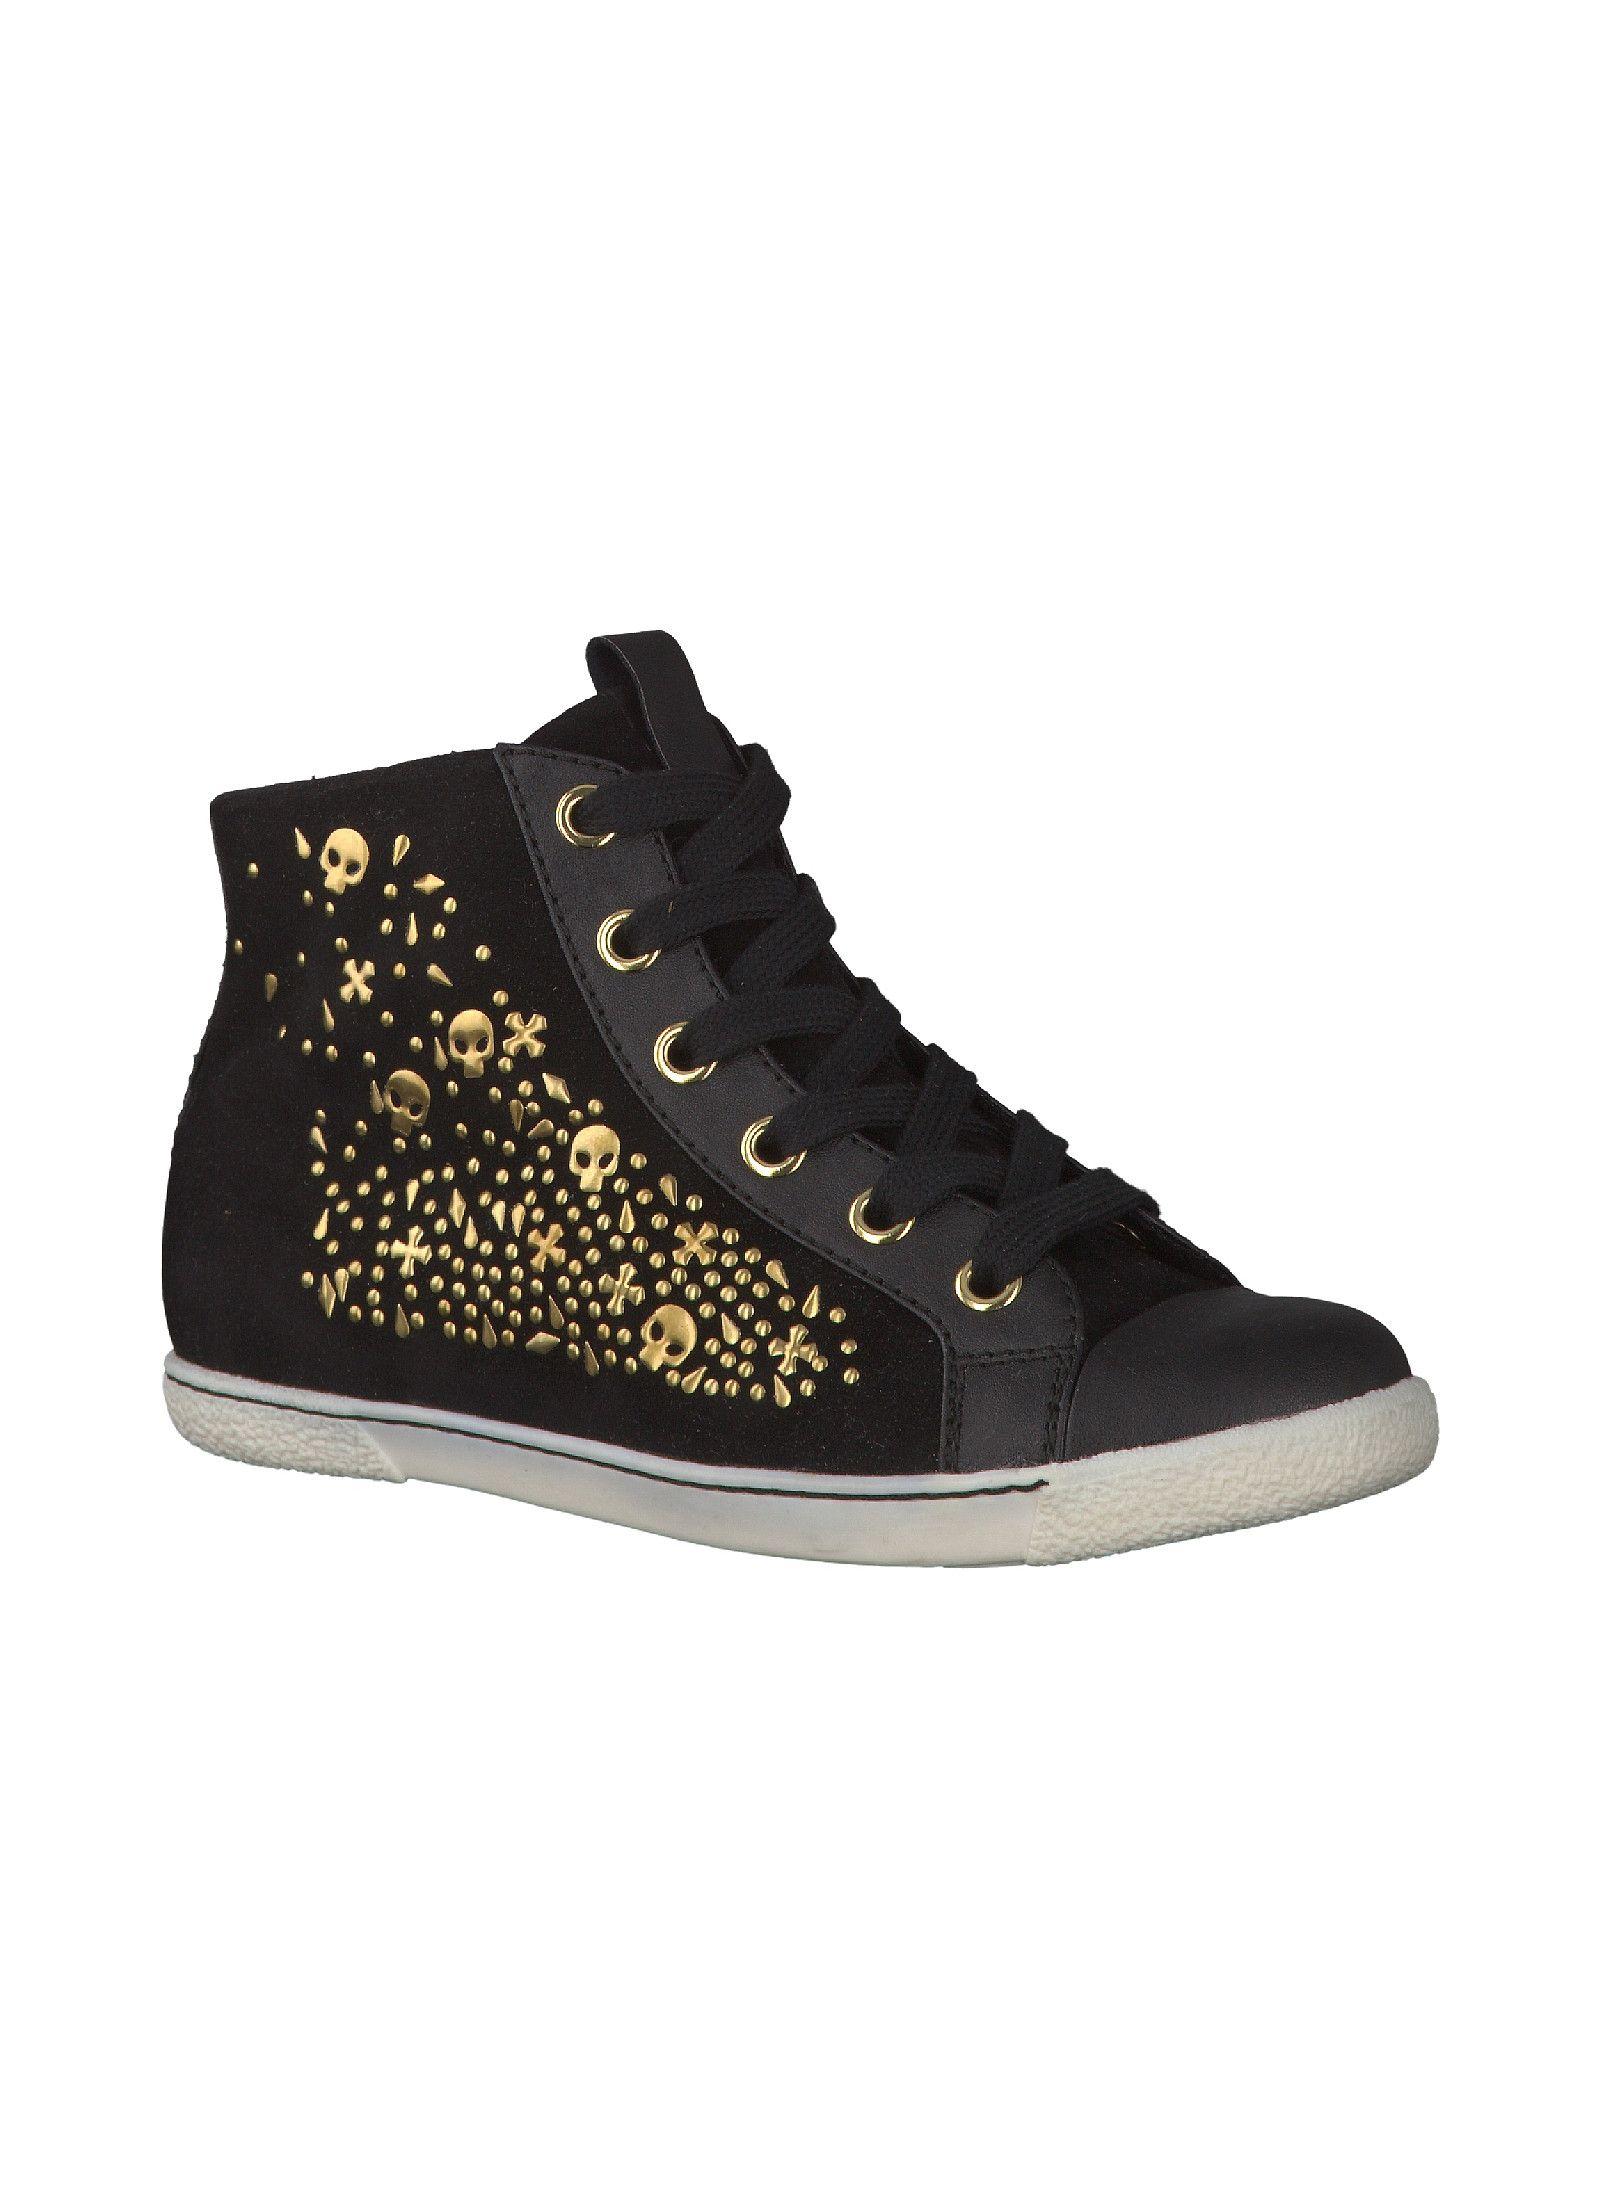 Damen Sneaker günstig online kaufen auf reno.at